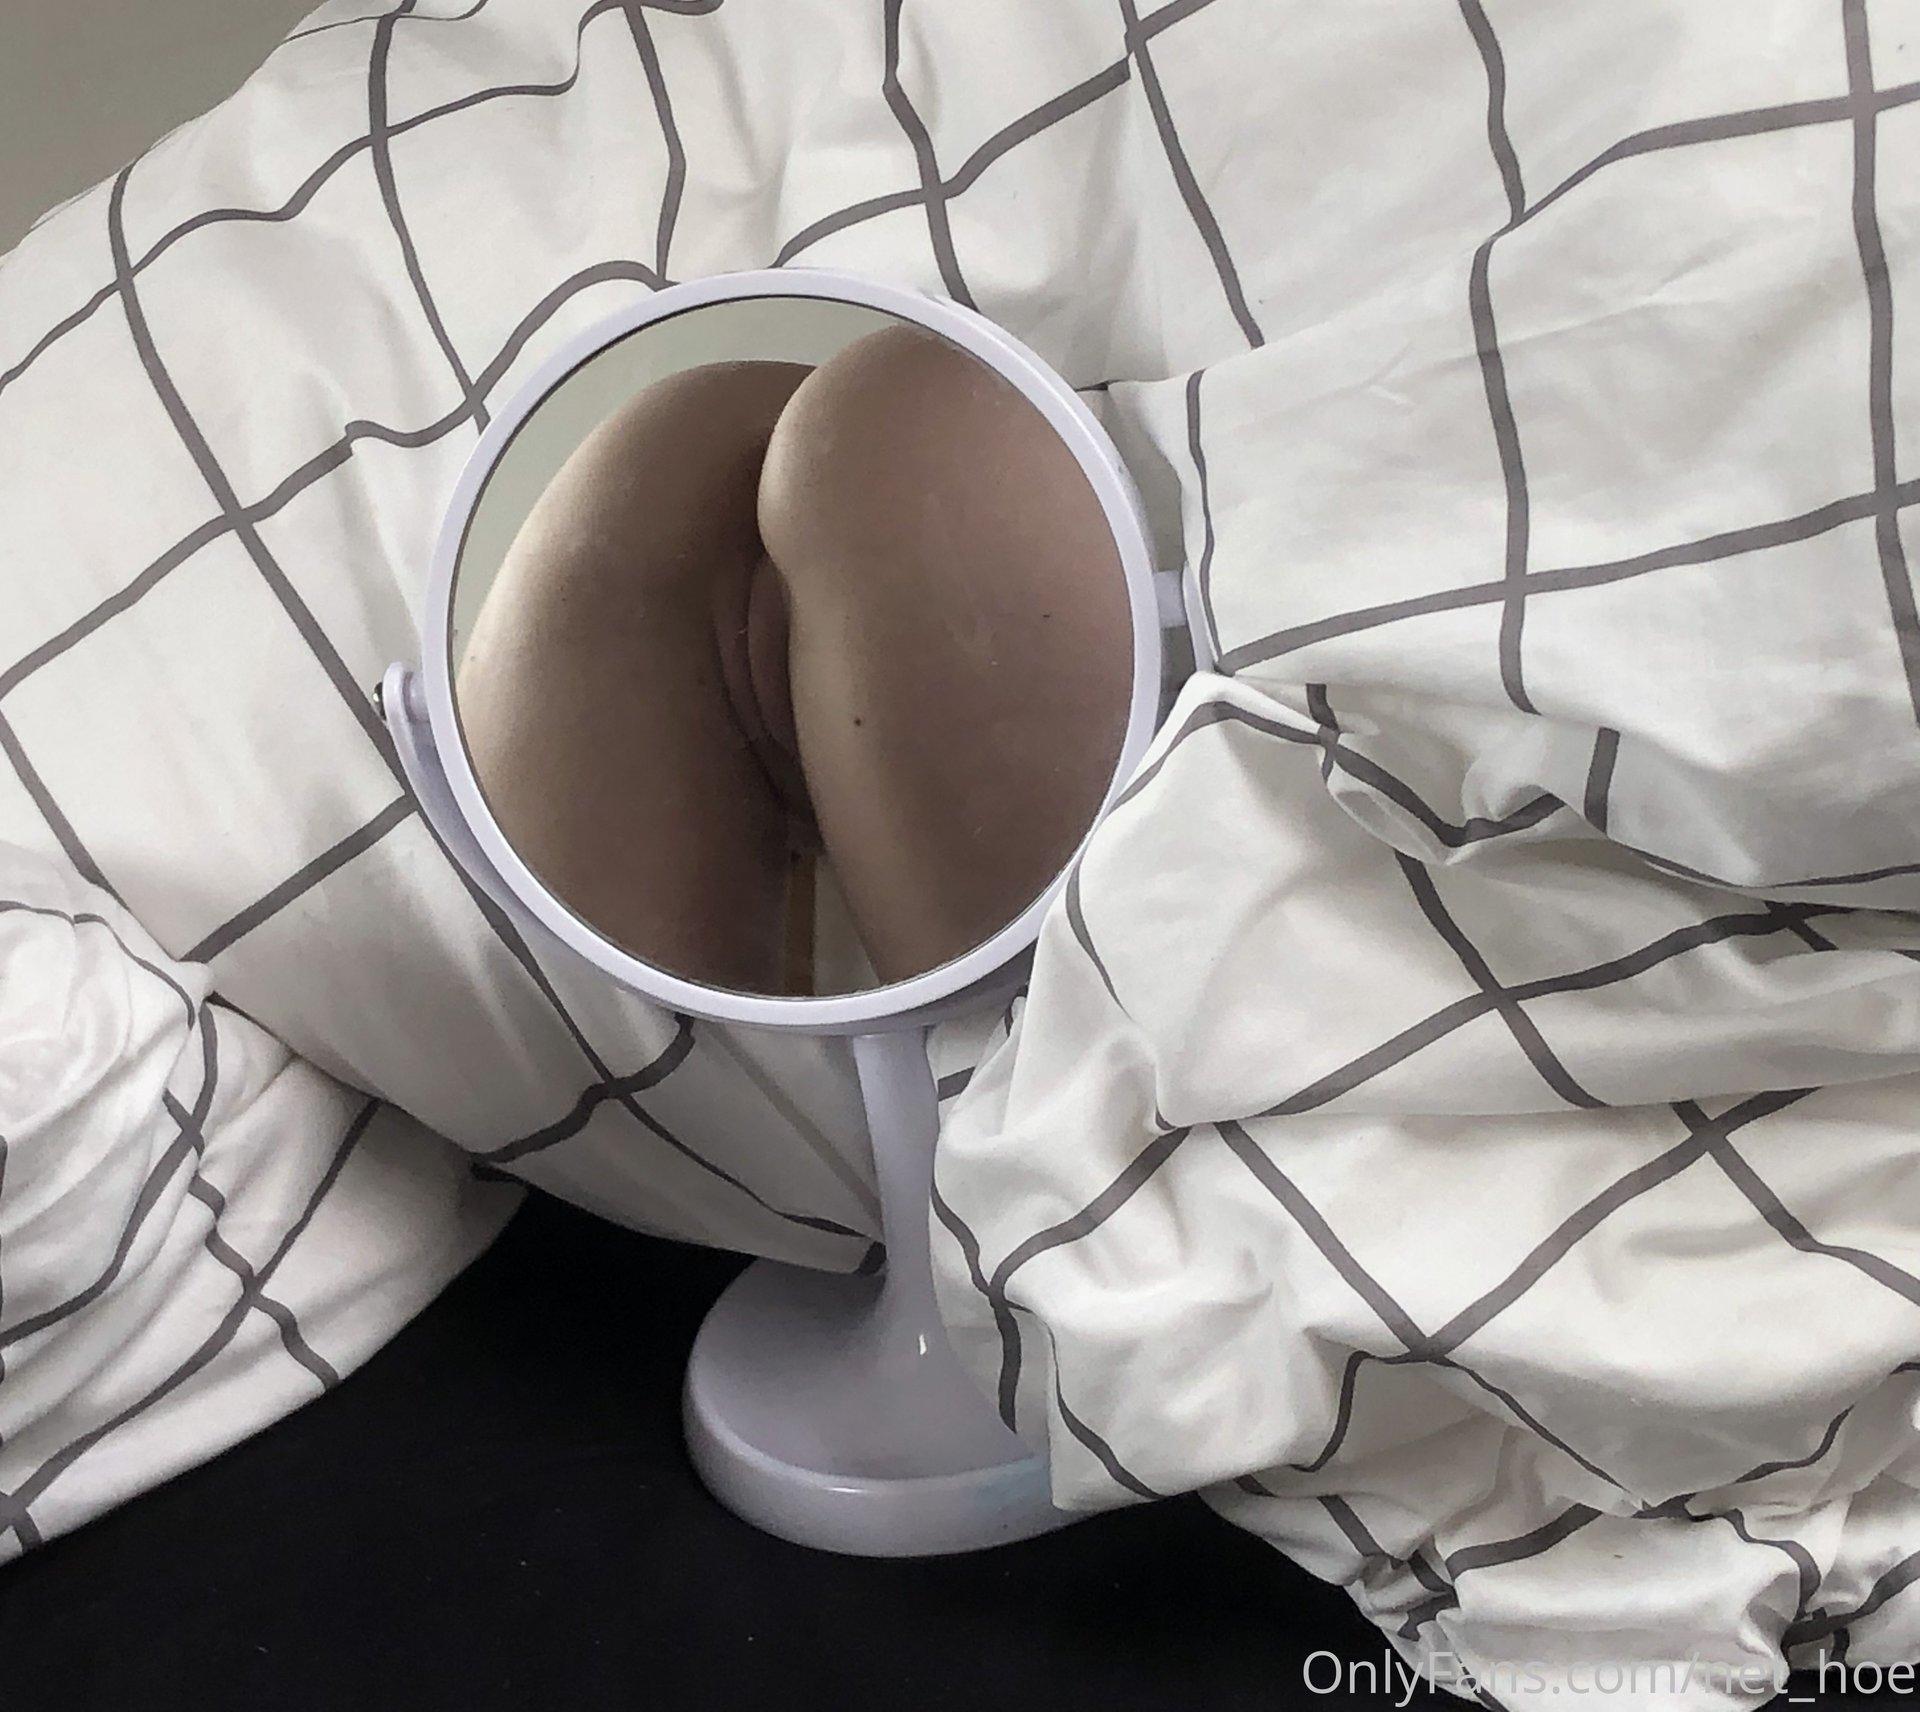 Net Hoe Net Hoe Onlyfans Nude Leaks 0025